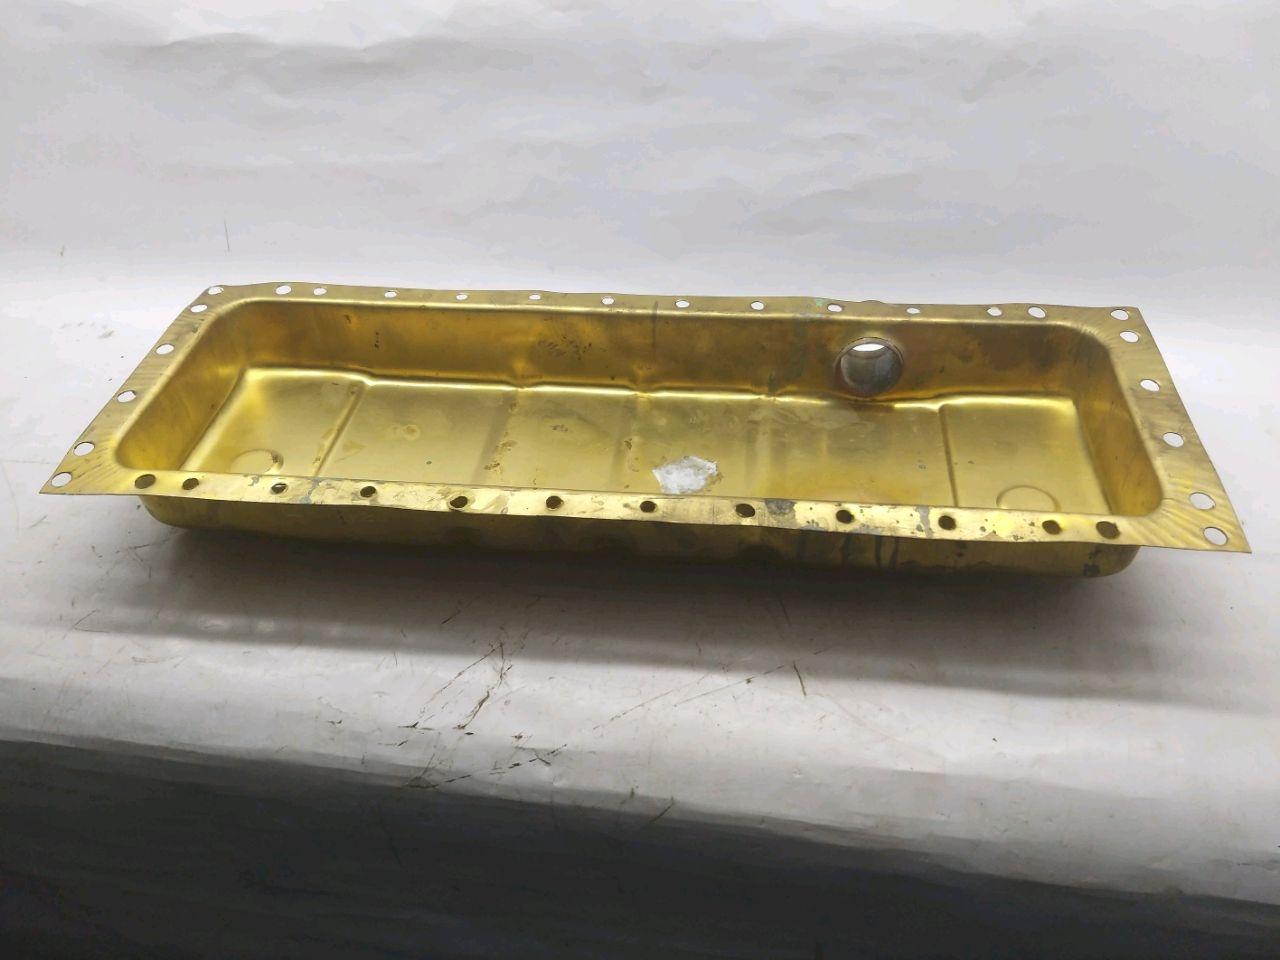 Bacul radiatorului de jos IUMZ (analog)